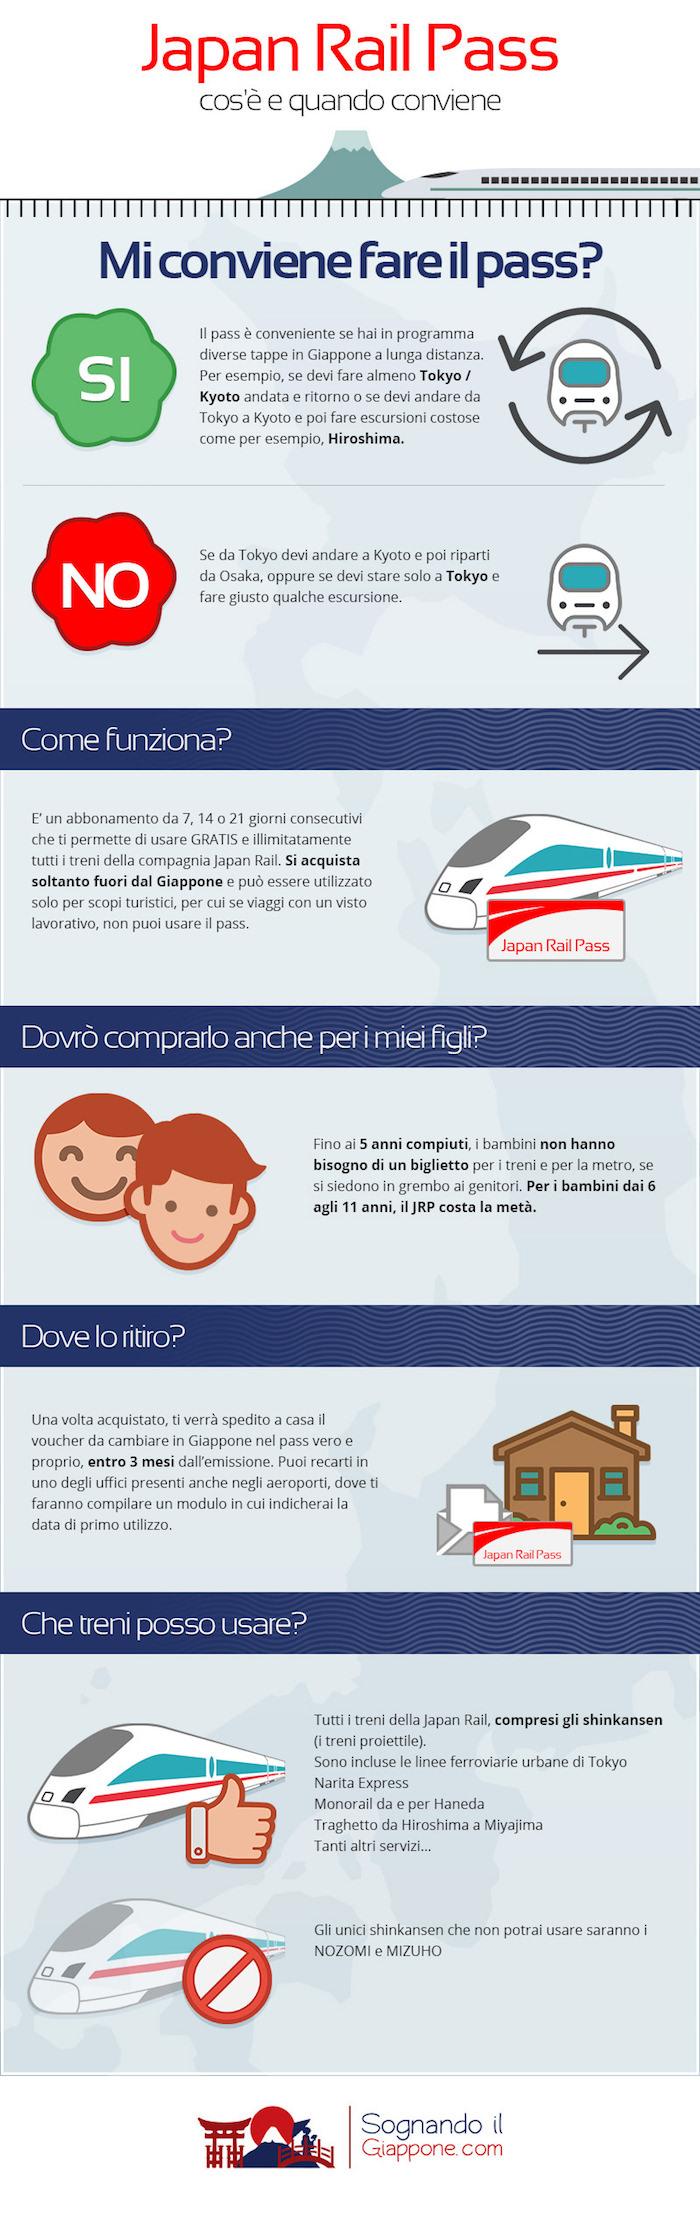 Japan Rail Pass: quando conviene